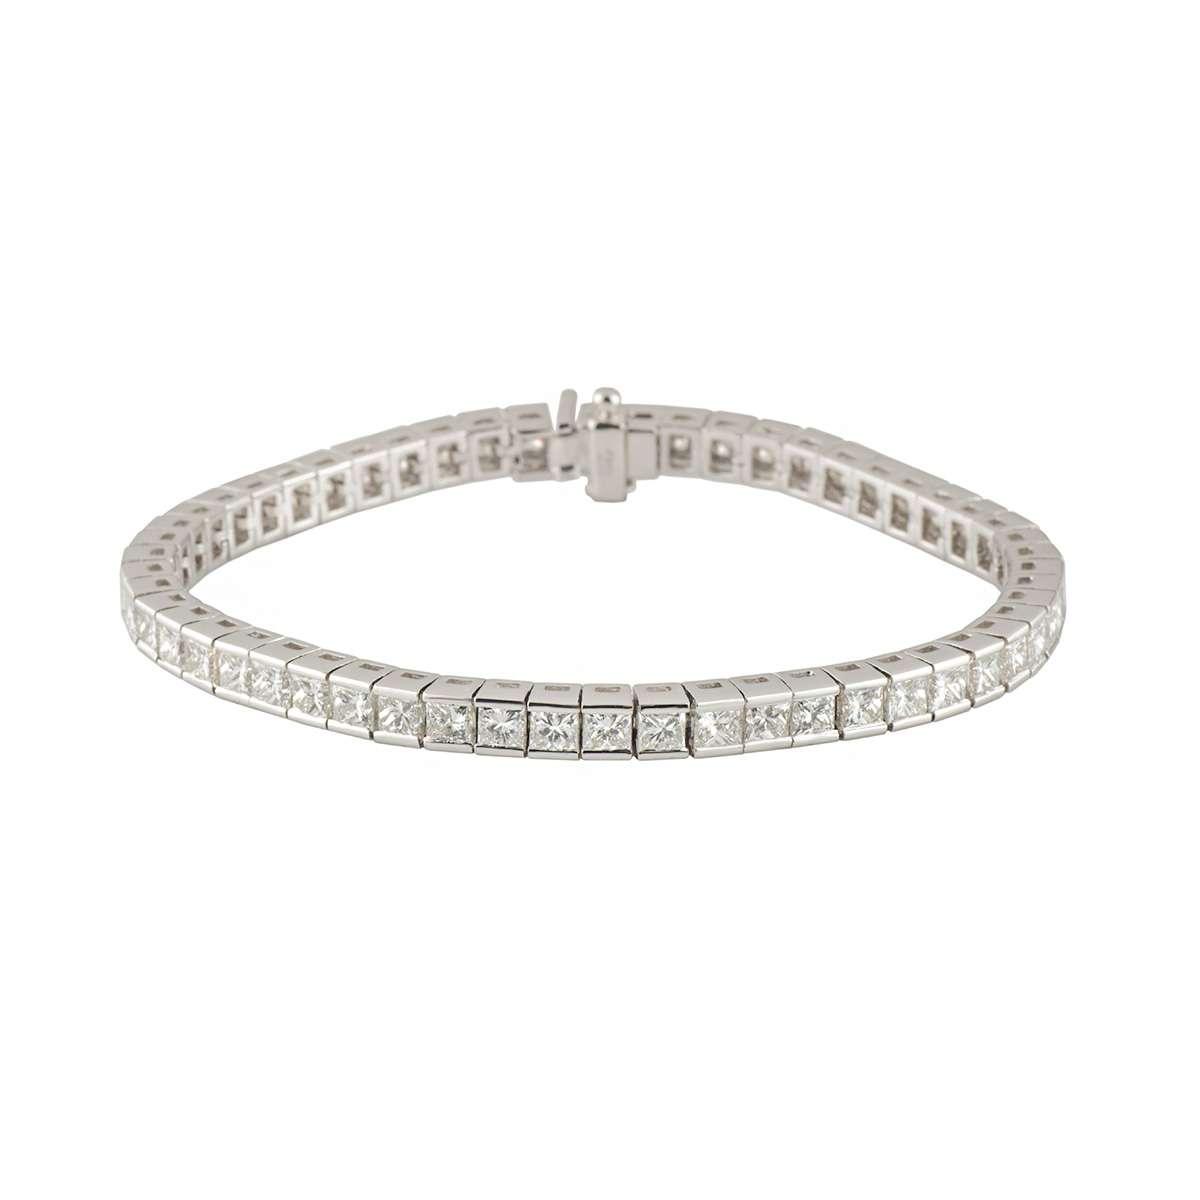 White GoldDiamond Line Bracelet 10.47ct G-H/VS